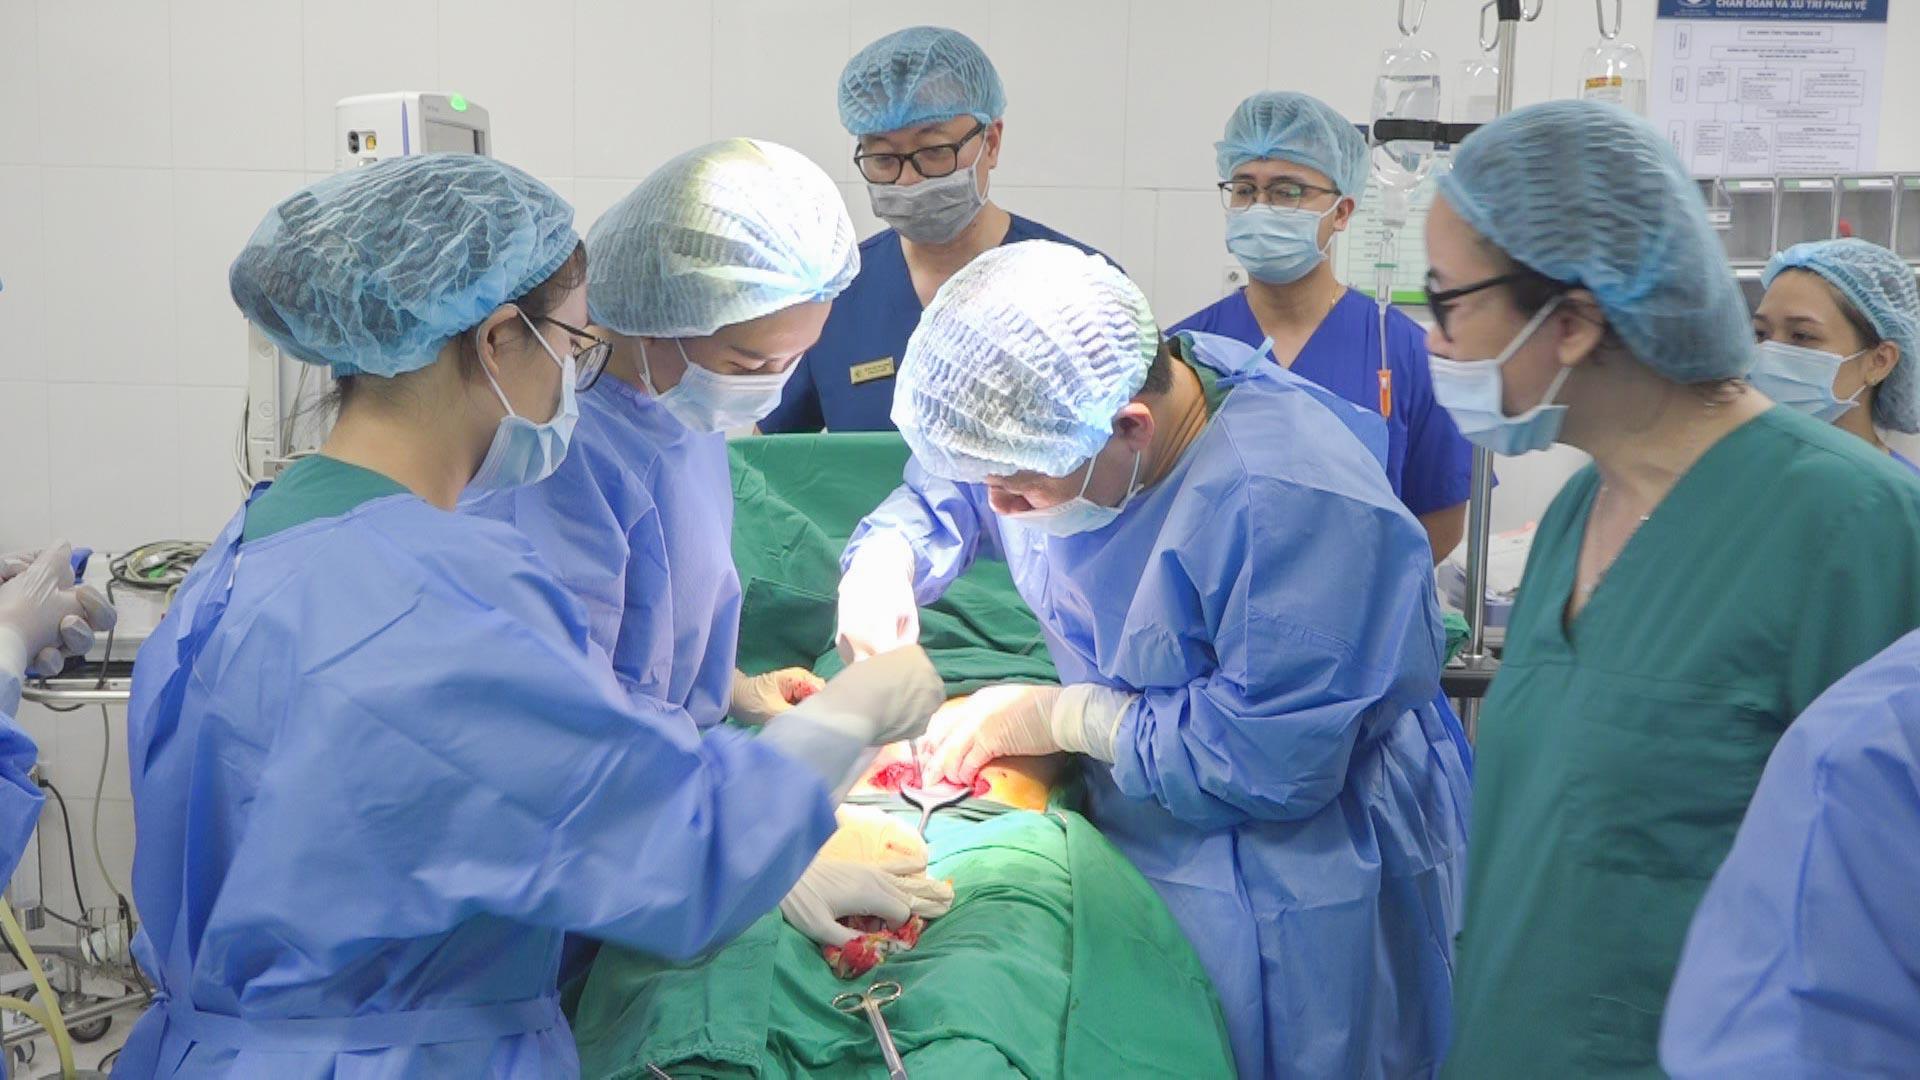 Kỹ thuật can thiệp bào thai: Tia hi vọng mới cho những người làm cha mẹ